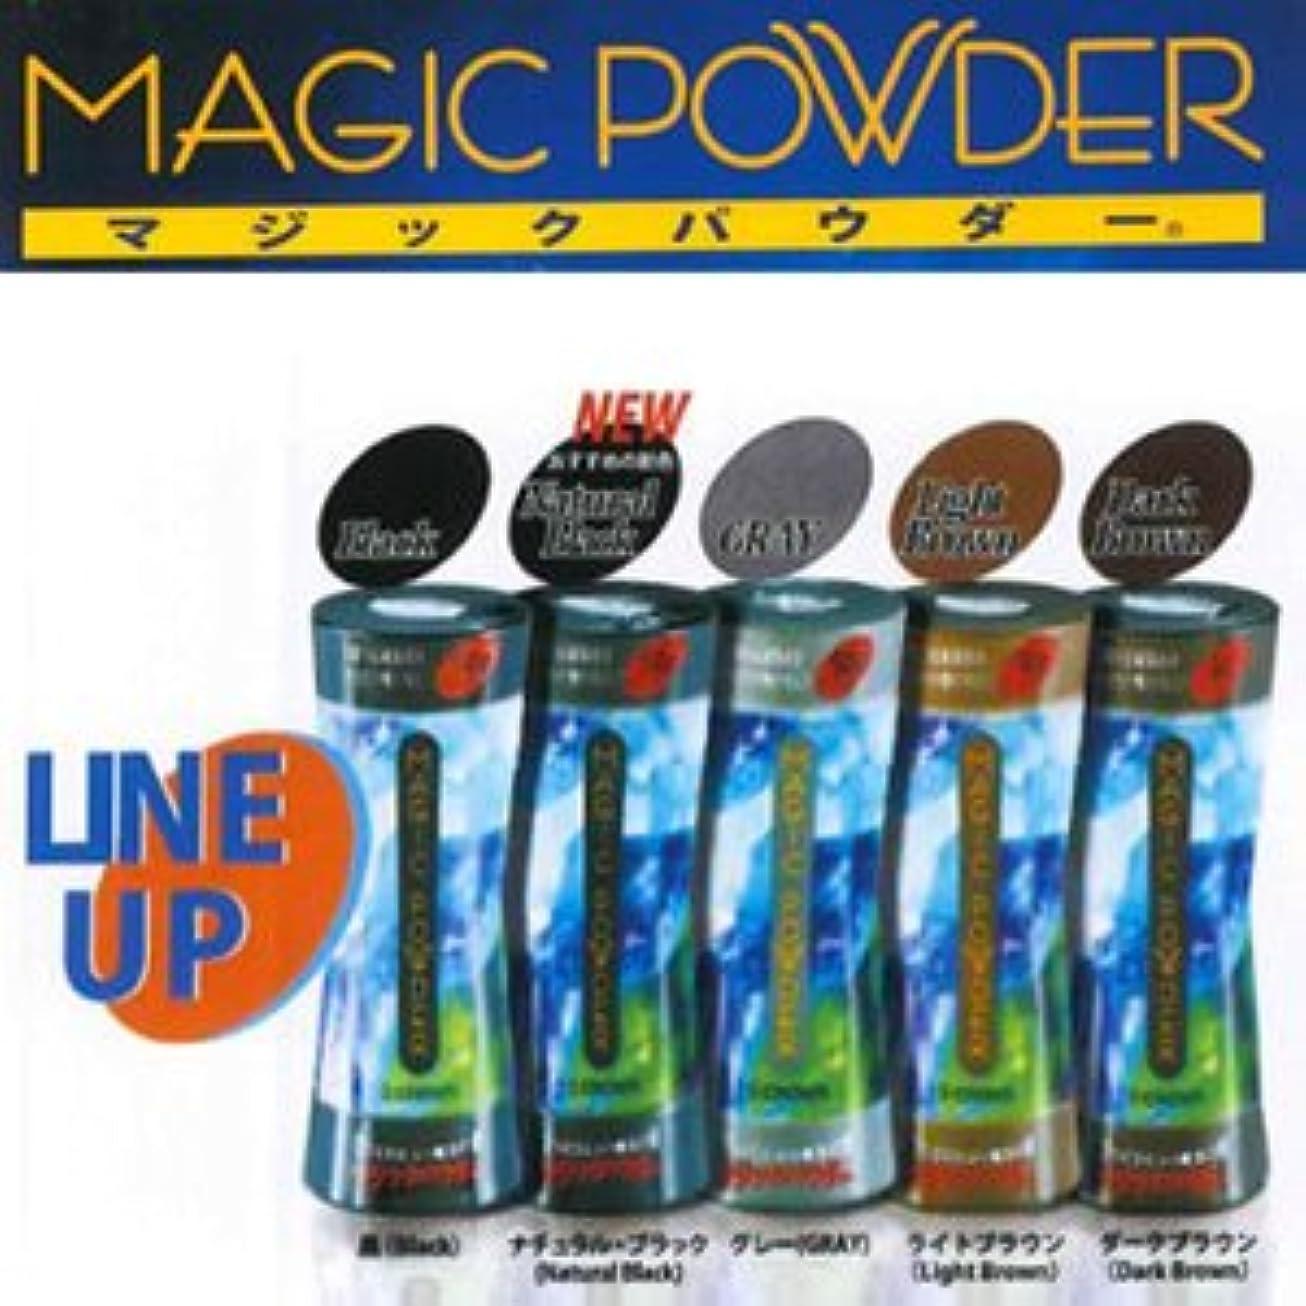 ヨーロッパ二度取り壊すMAGIC POWDER マジックパウダー ブラック 50g  ※貴方の髪を簡単ボリュームアップ!